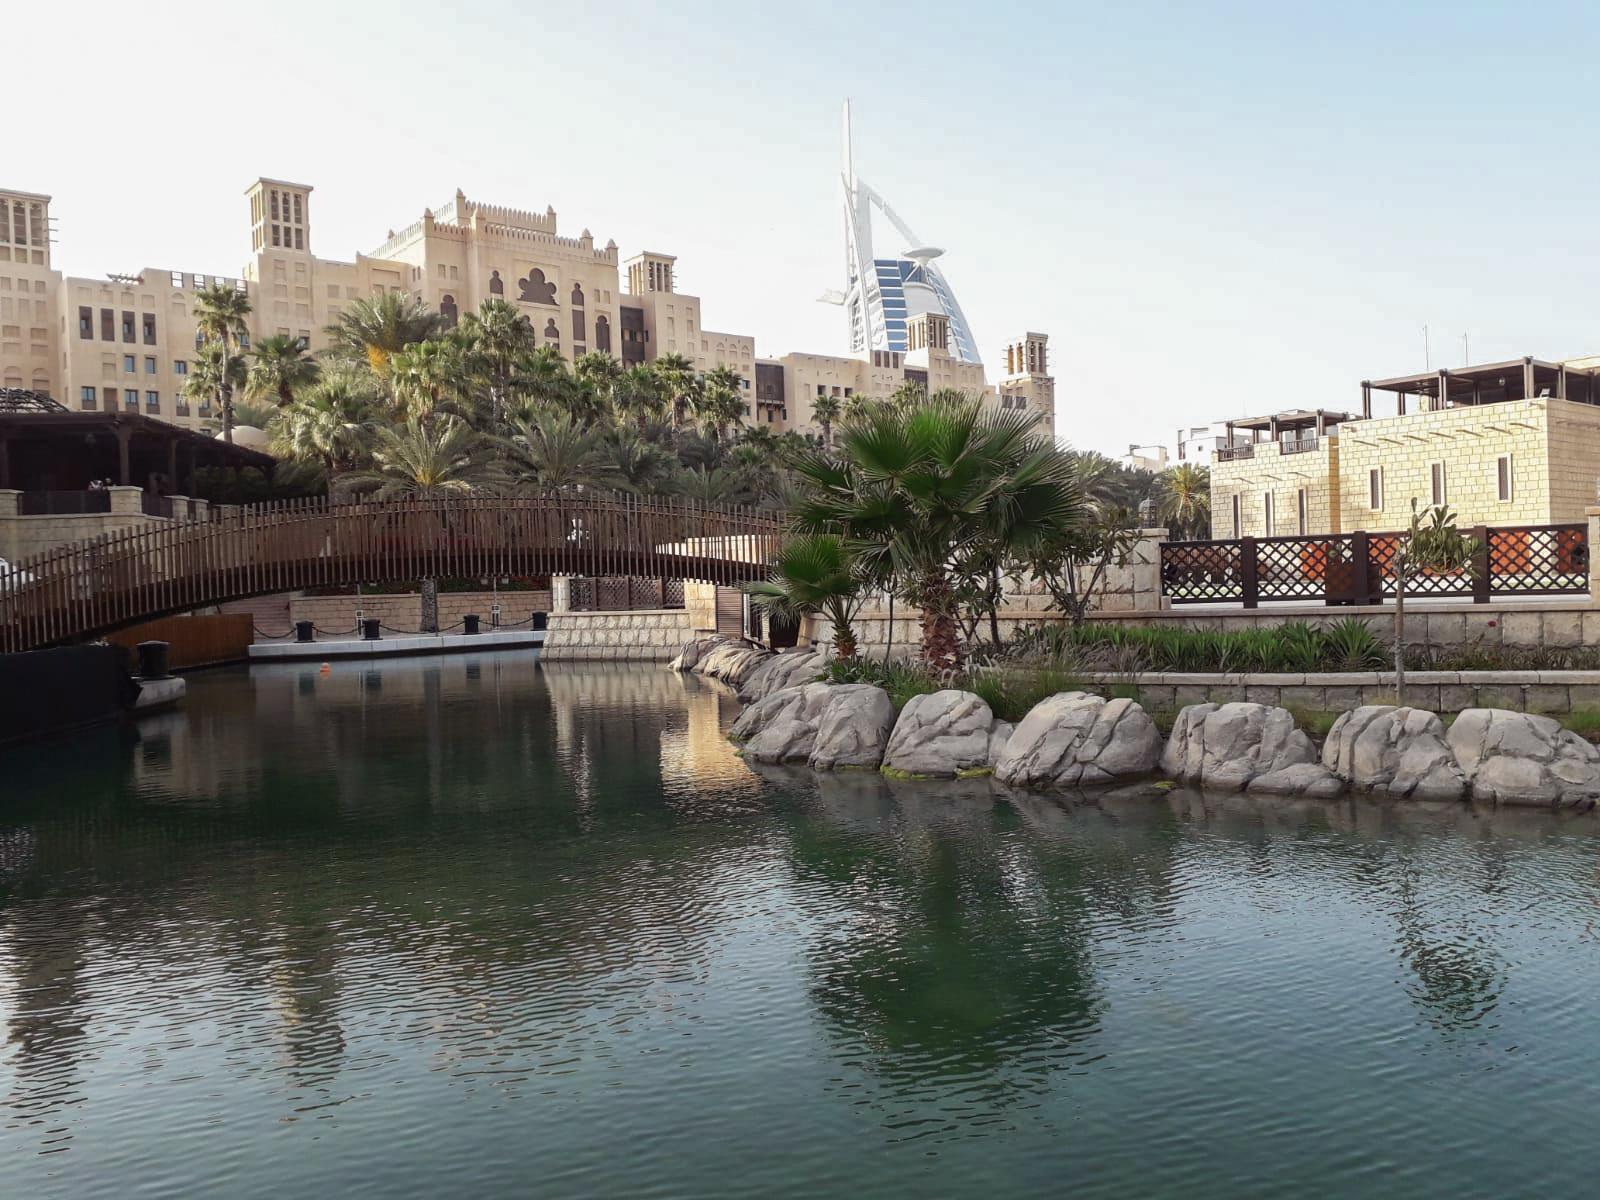 Der Souk Madinat Jumeirah ist durchzogen von künstlichen Kanälen